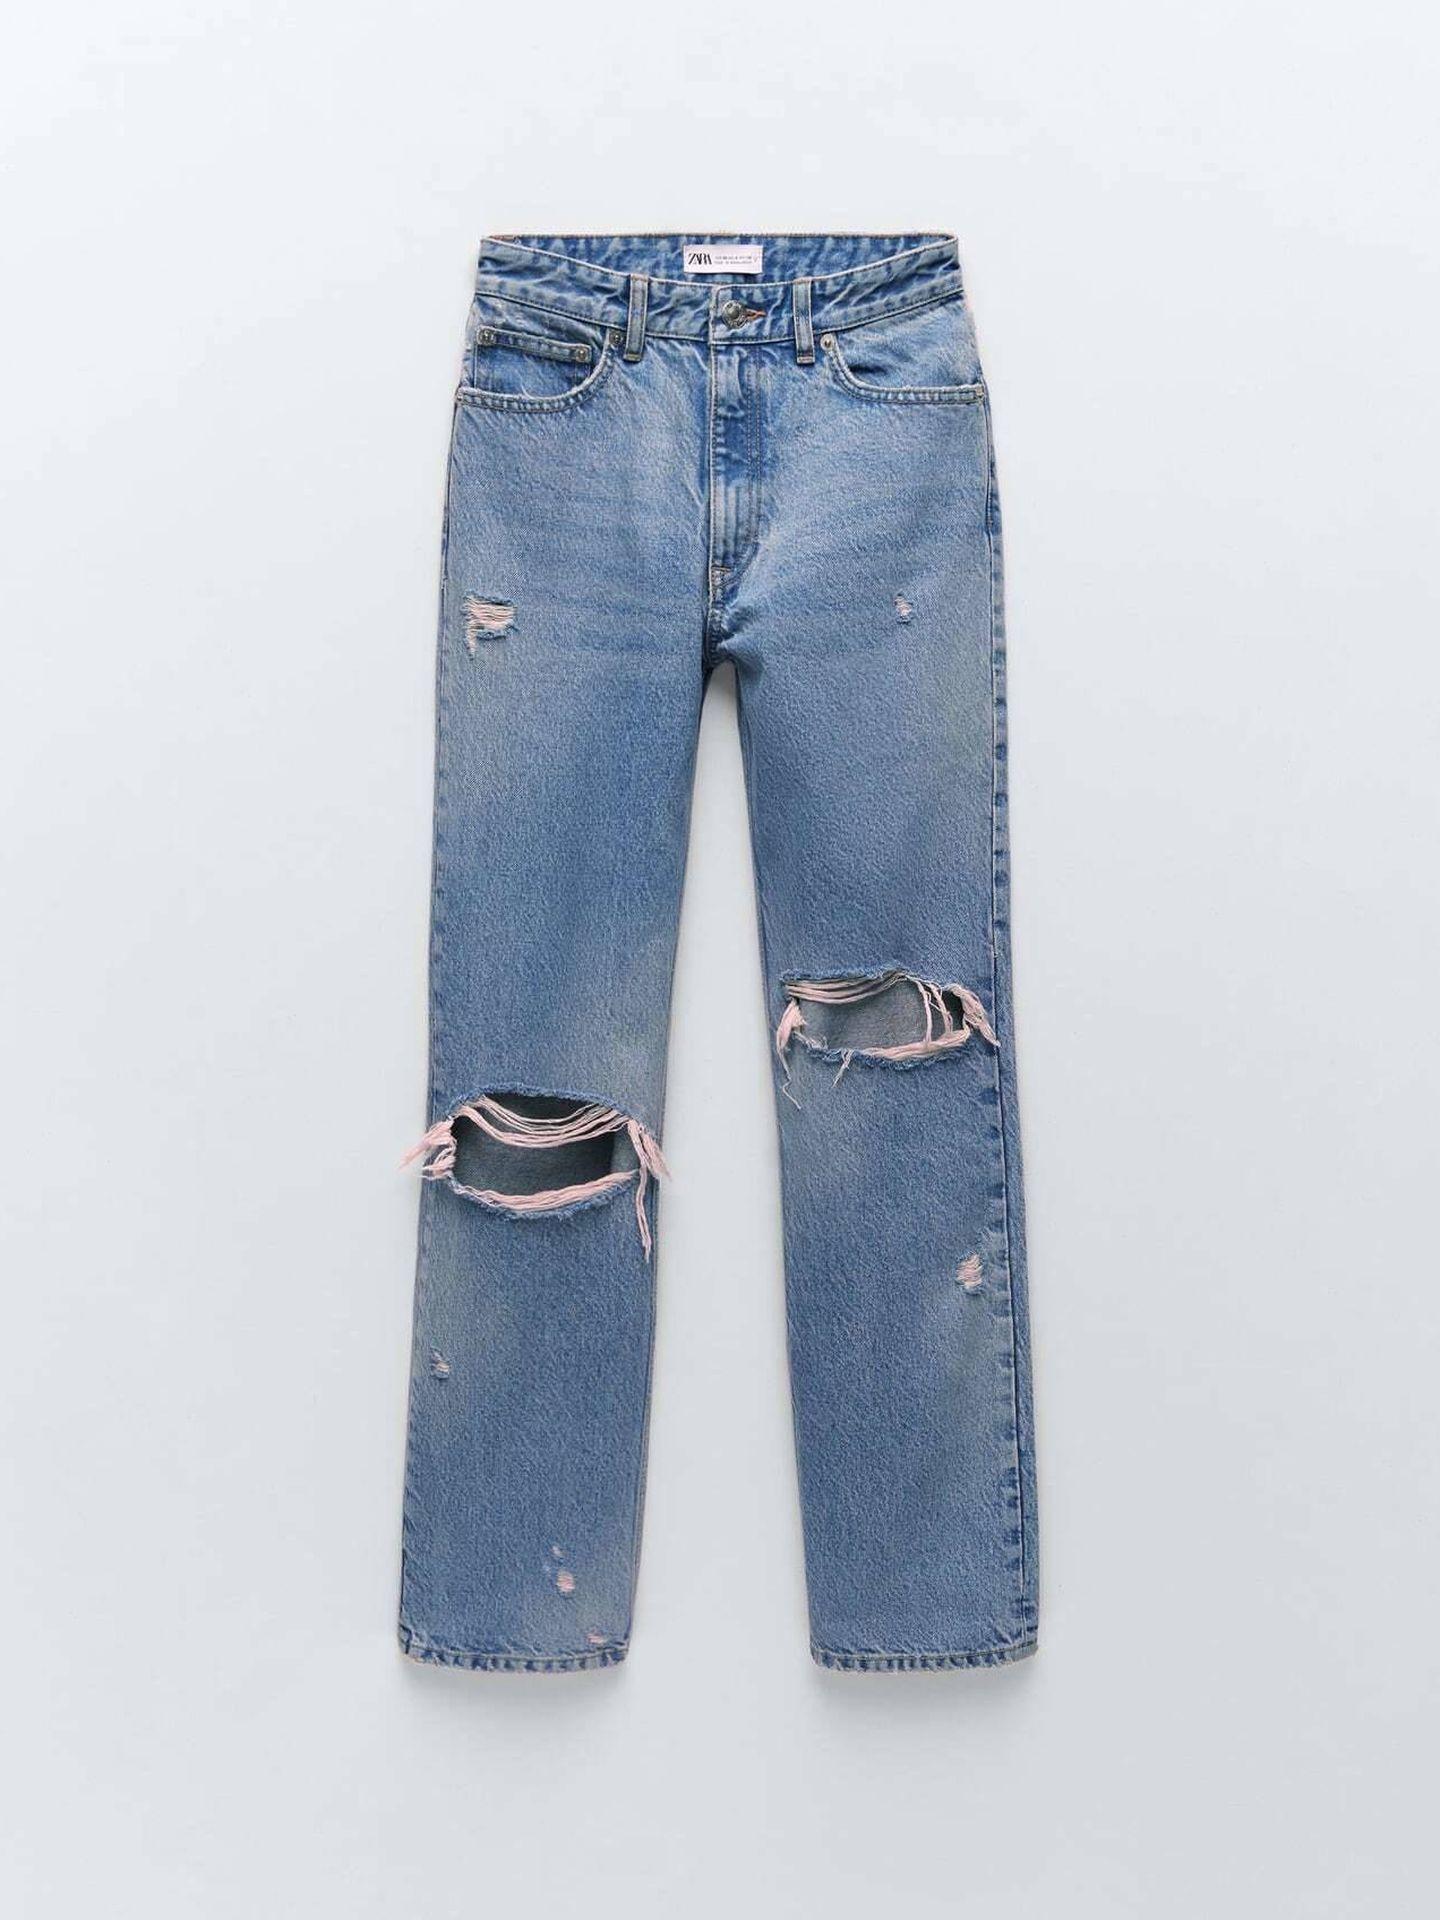 Los jeans de Zara que tiene Amelia Bono. (Cortesía)